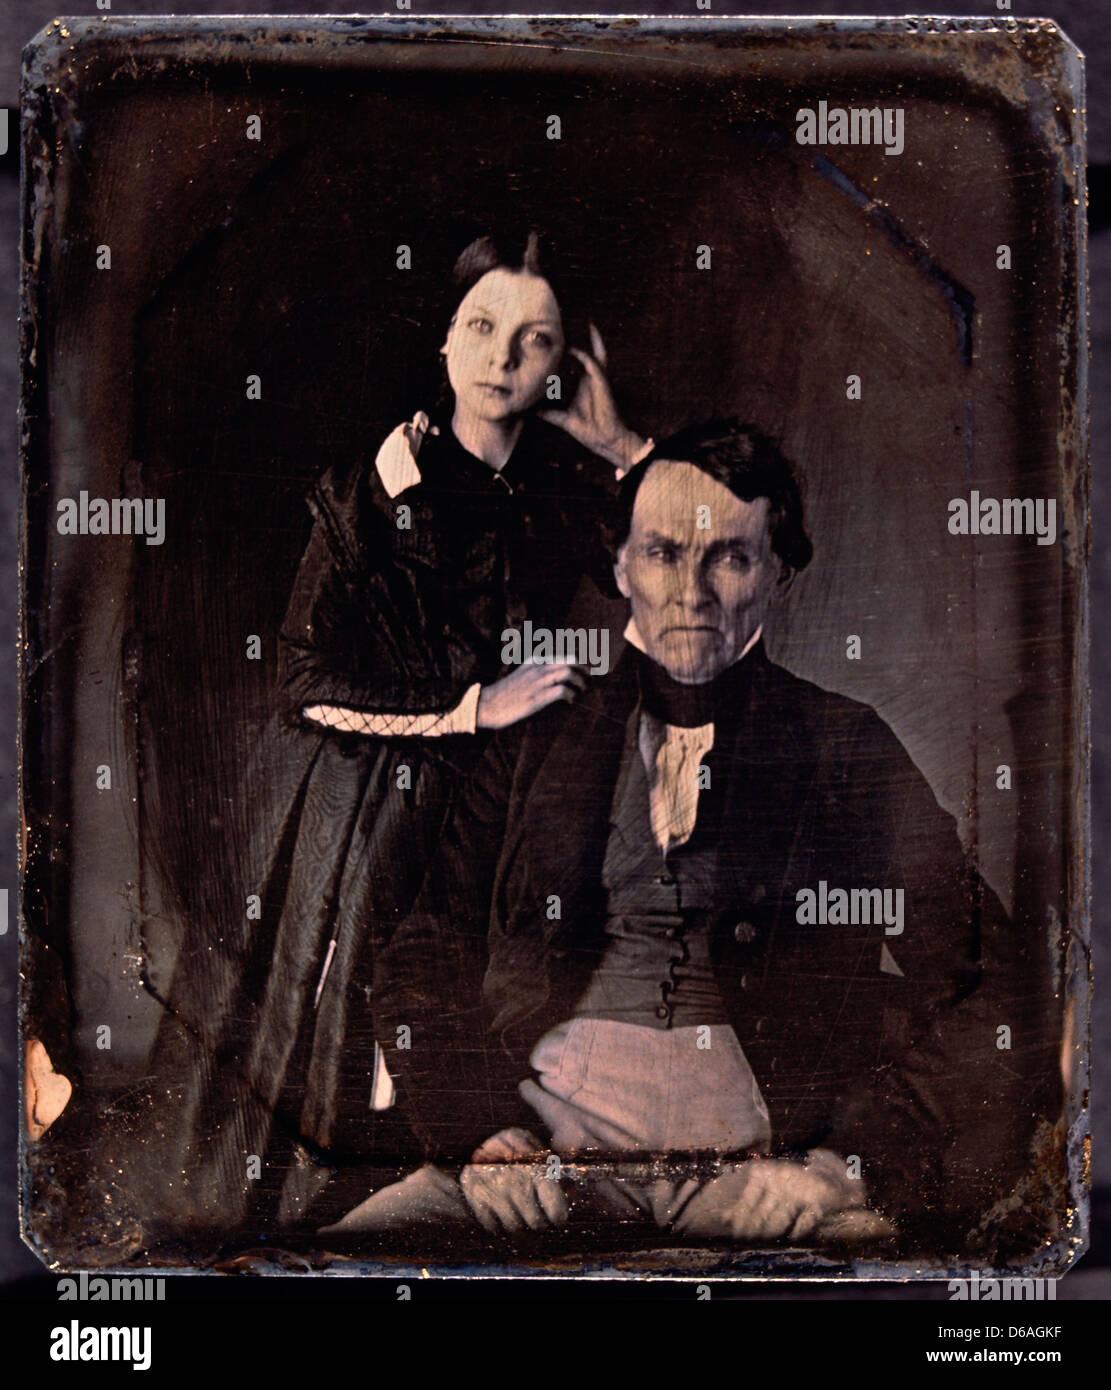 Paar Porträt, Daguerreotypie, ca. 1850 Stockfoto